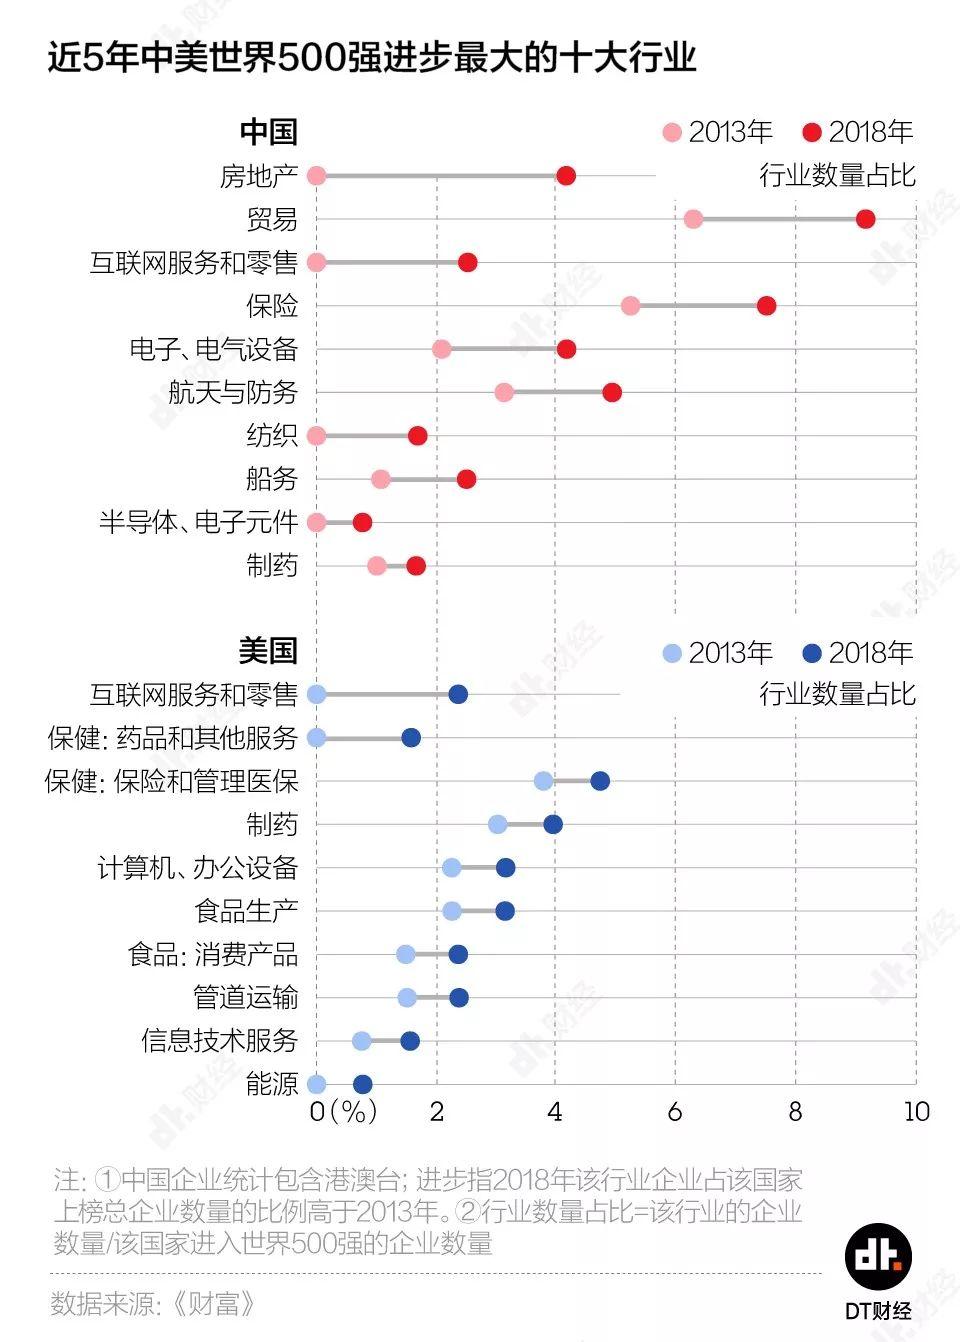 中国世界500强数量首超美国,但别愿意得太早